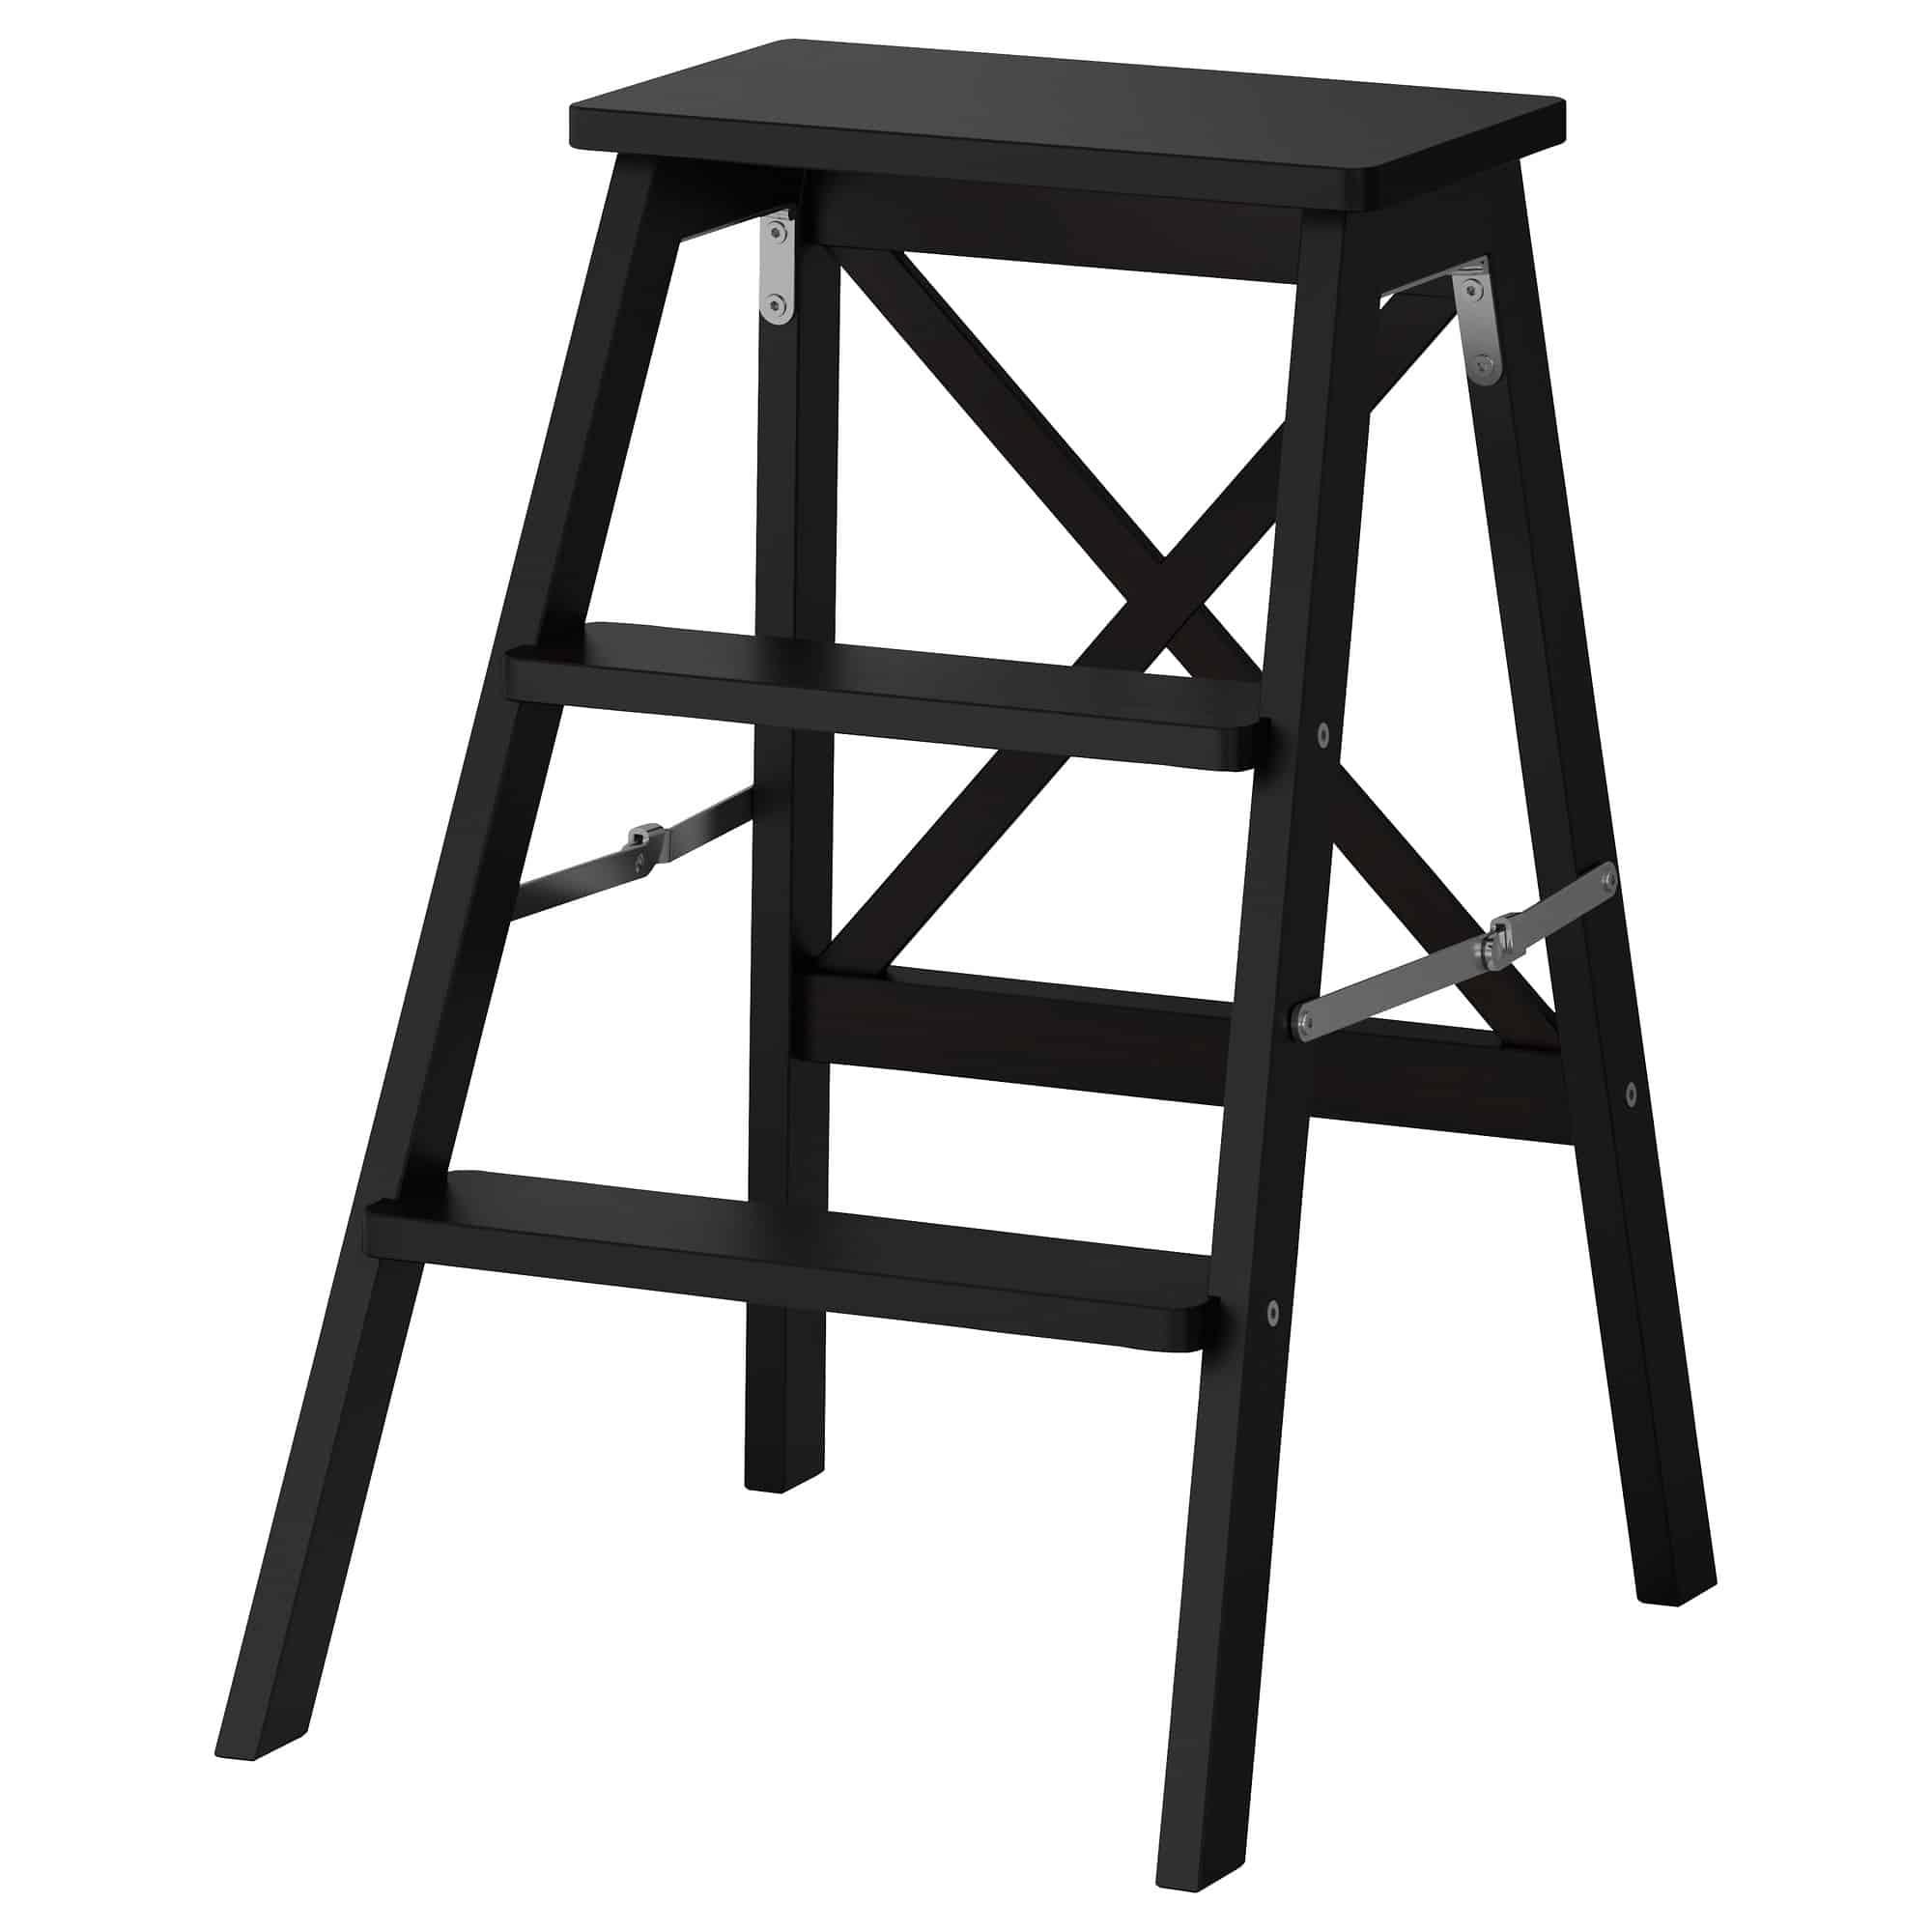 IKEA-Bekvam-Stepladder-3-Step